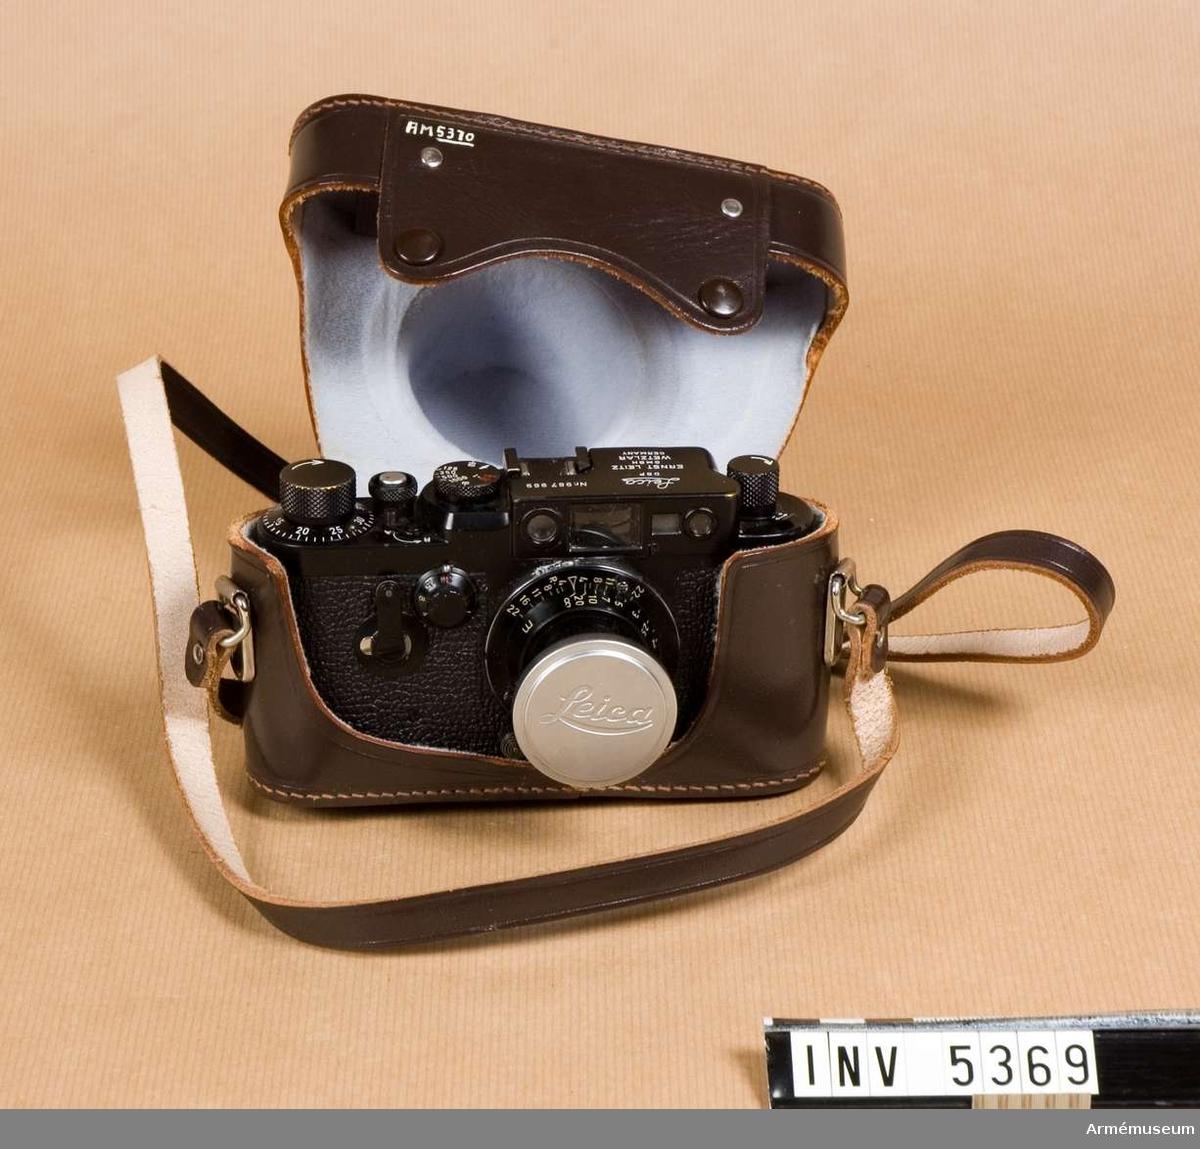 Kamera 151, Leica. M3830-151A0.Tillverkningsnummer 987969, objektiv 1427002.  Kameran är svart med vit och röd text. Den är försedd med rem. Objektiv svart med vit text. Objektivets mått är 50 x 50 mm. Kameran är försedd  med blixtsynkronisering.   Objektiv är Elmar f=50 mm 1:3,5. Det är  inskjutbart och har ljust lock.   Kameran är märkt med emblemet  tre kronor och objektivet är svart vilket gör dem eftertraktade  bland samlare. I kameran finns en leicakassett och i  stativgängan en adapter för den mindre stativskruven, 1/4 tum.  Kassettspolen är svart.  Kameran i gott skick, objektivet likaså men saknar låsskruven för avståndsinställningen. Slutaren fungerar. Slutartider  1-1000/sek, T och B; tiderna är fördelade på två skalor.  Bländarvärden 3,5-22.  1992-02-27 packad i låda / Erik Walberg.